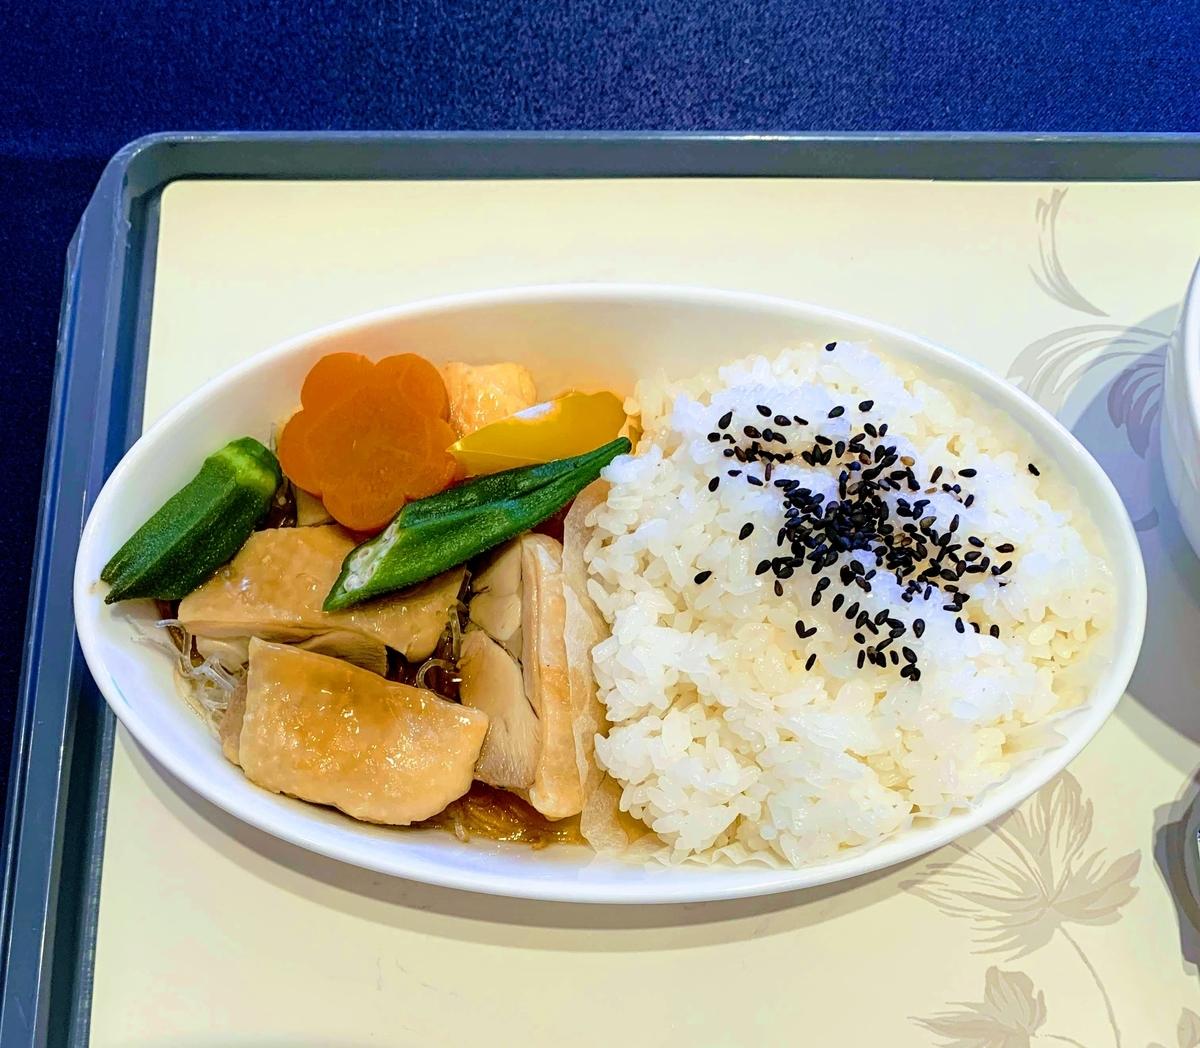 メインディッシュ「鶏塩焼き柚子胡椒餡掛け」   エアチャイナフェスタ2019東京